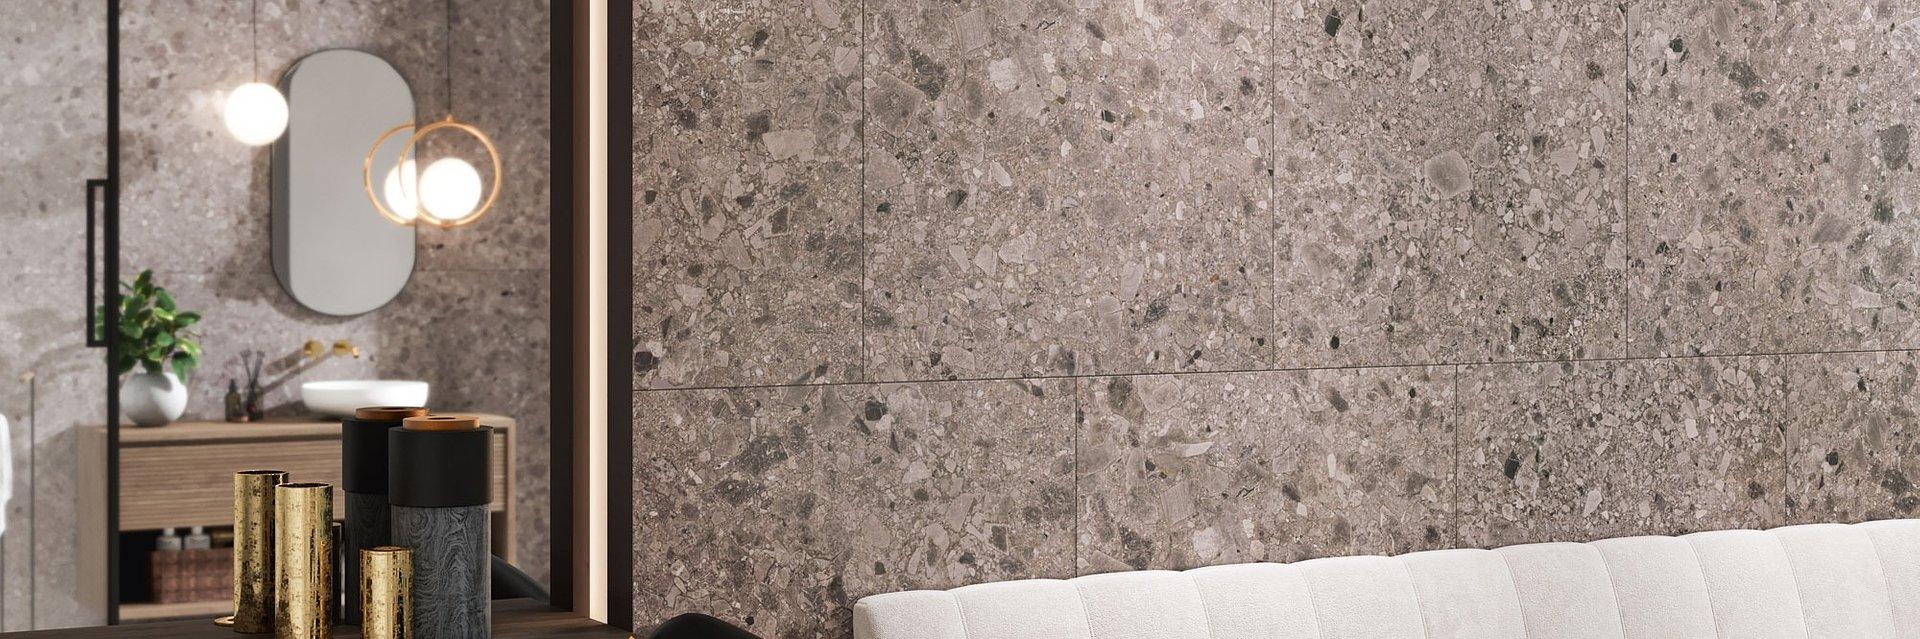 Sunnydust i Granddust – nowe oblicze betonu w kolekcjach Ceramiki Paradyż